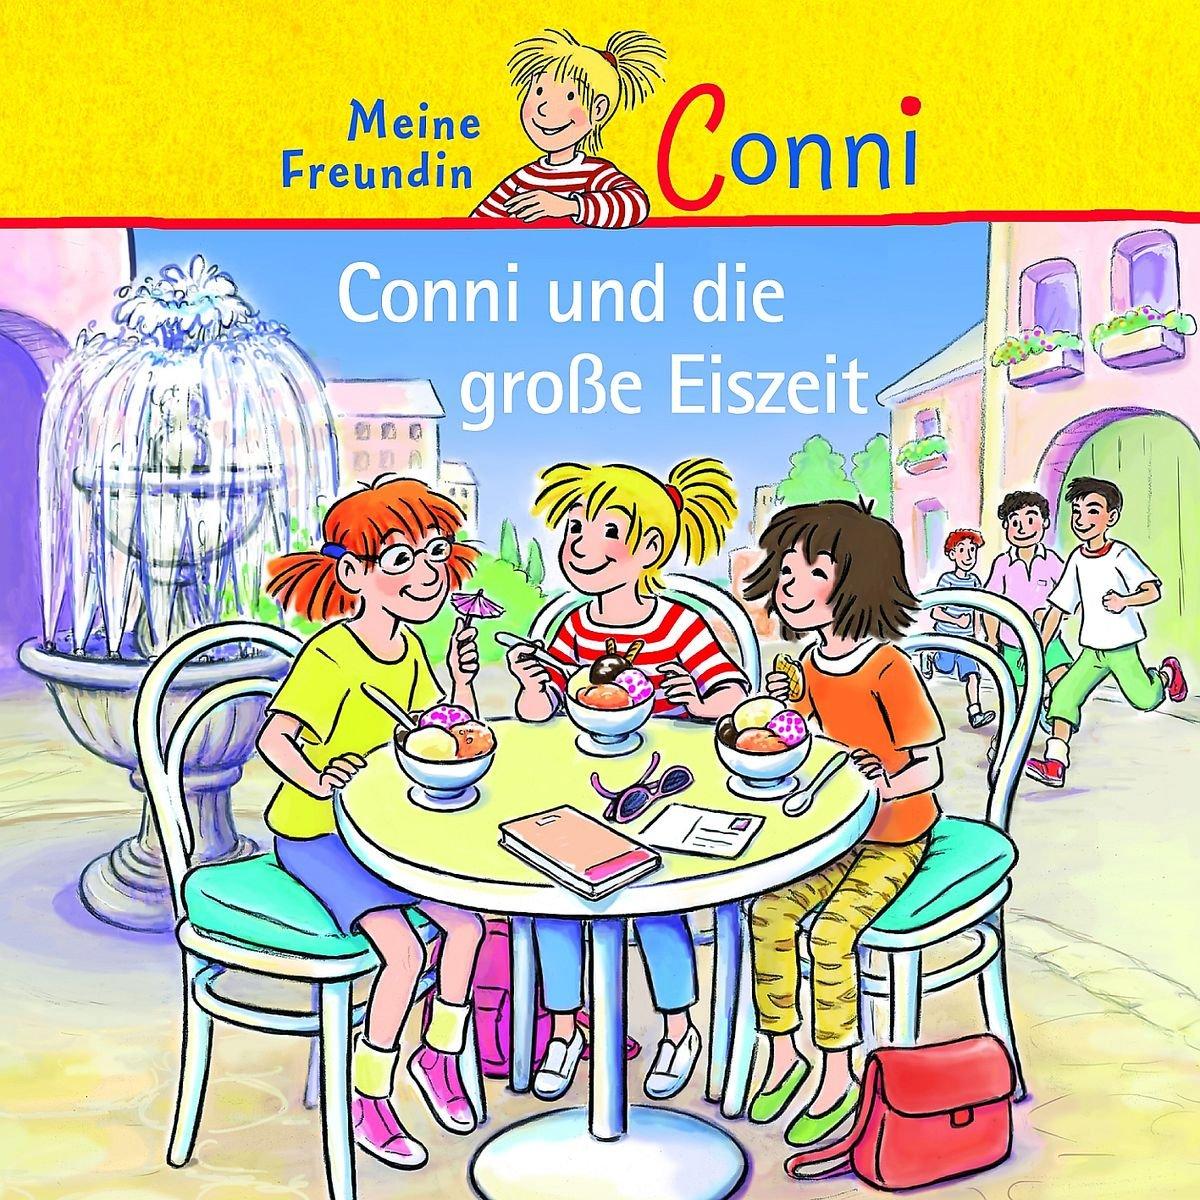 Meine Freundin Conni (39) Conni und die große Eiszeit (Universal / Silberfisch)